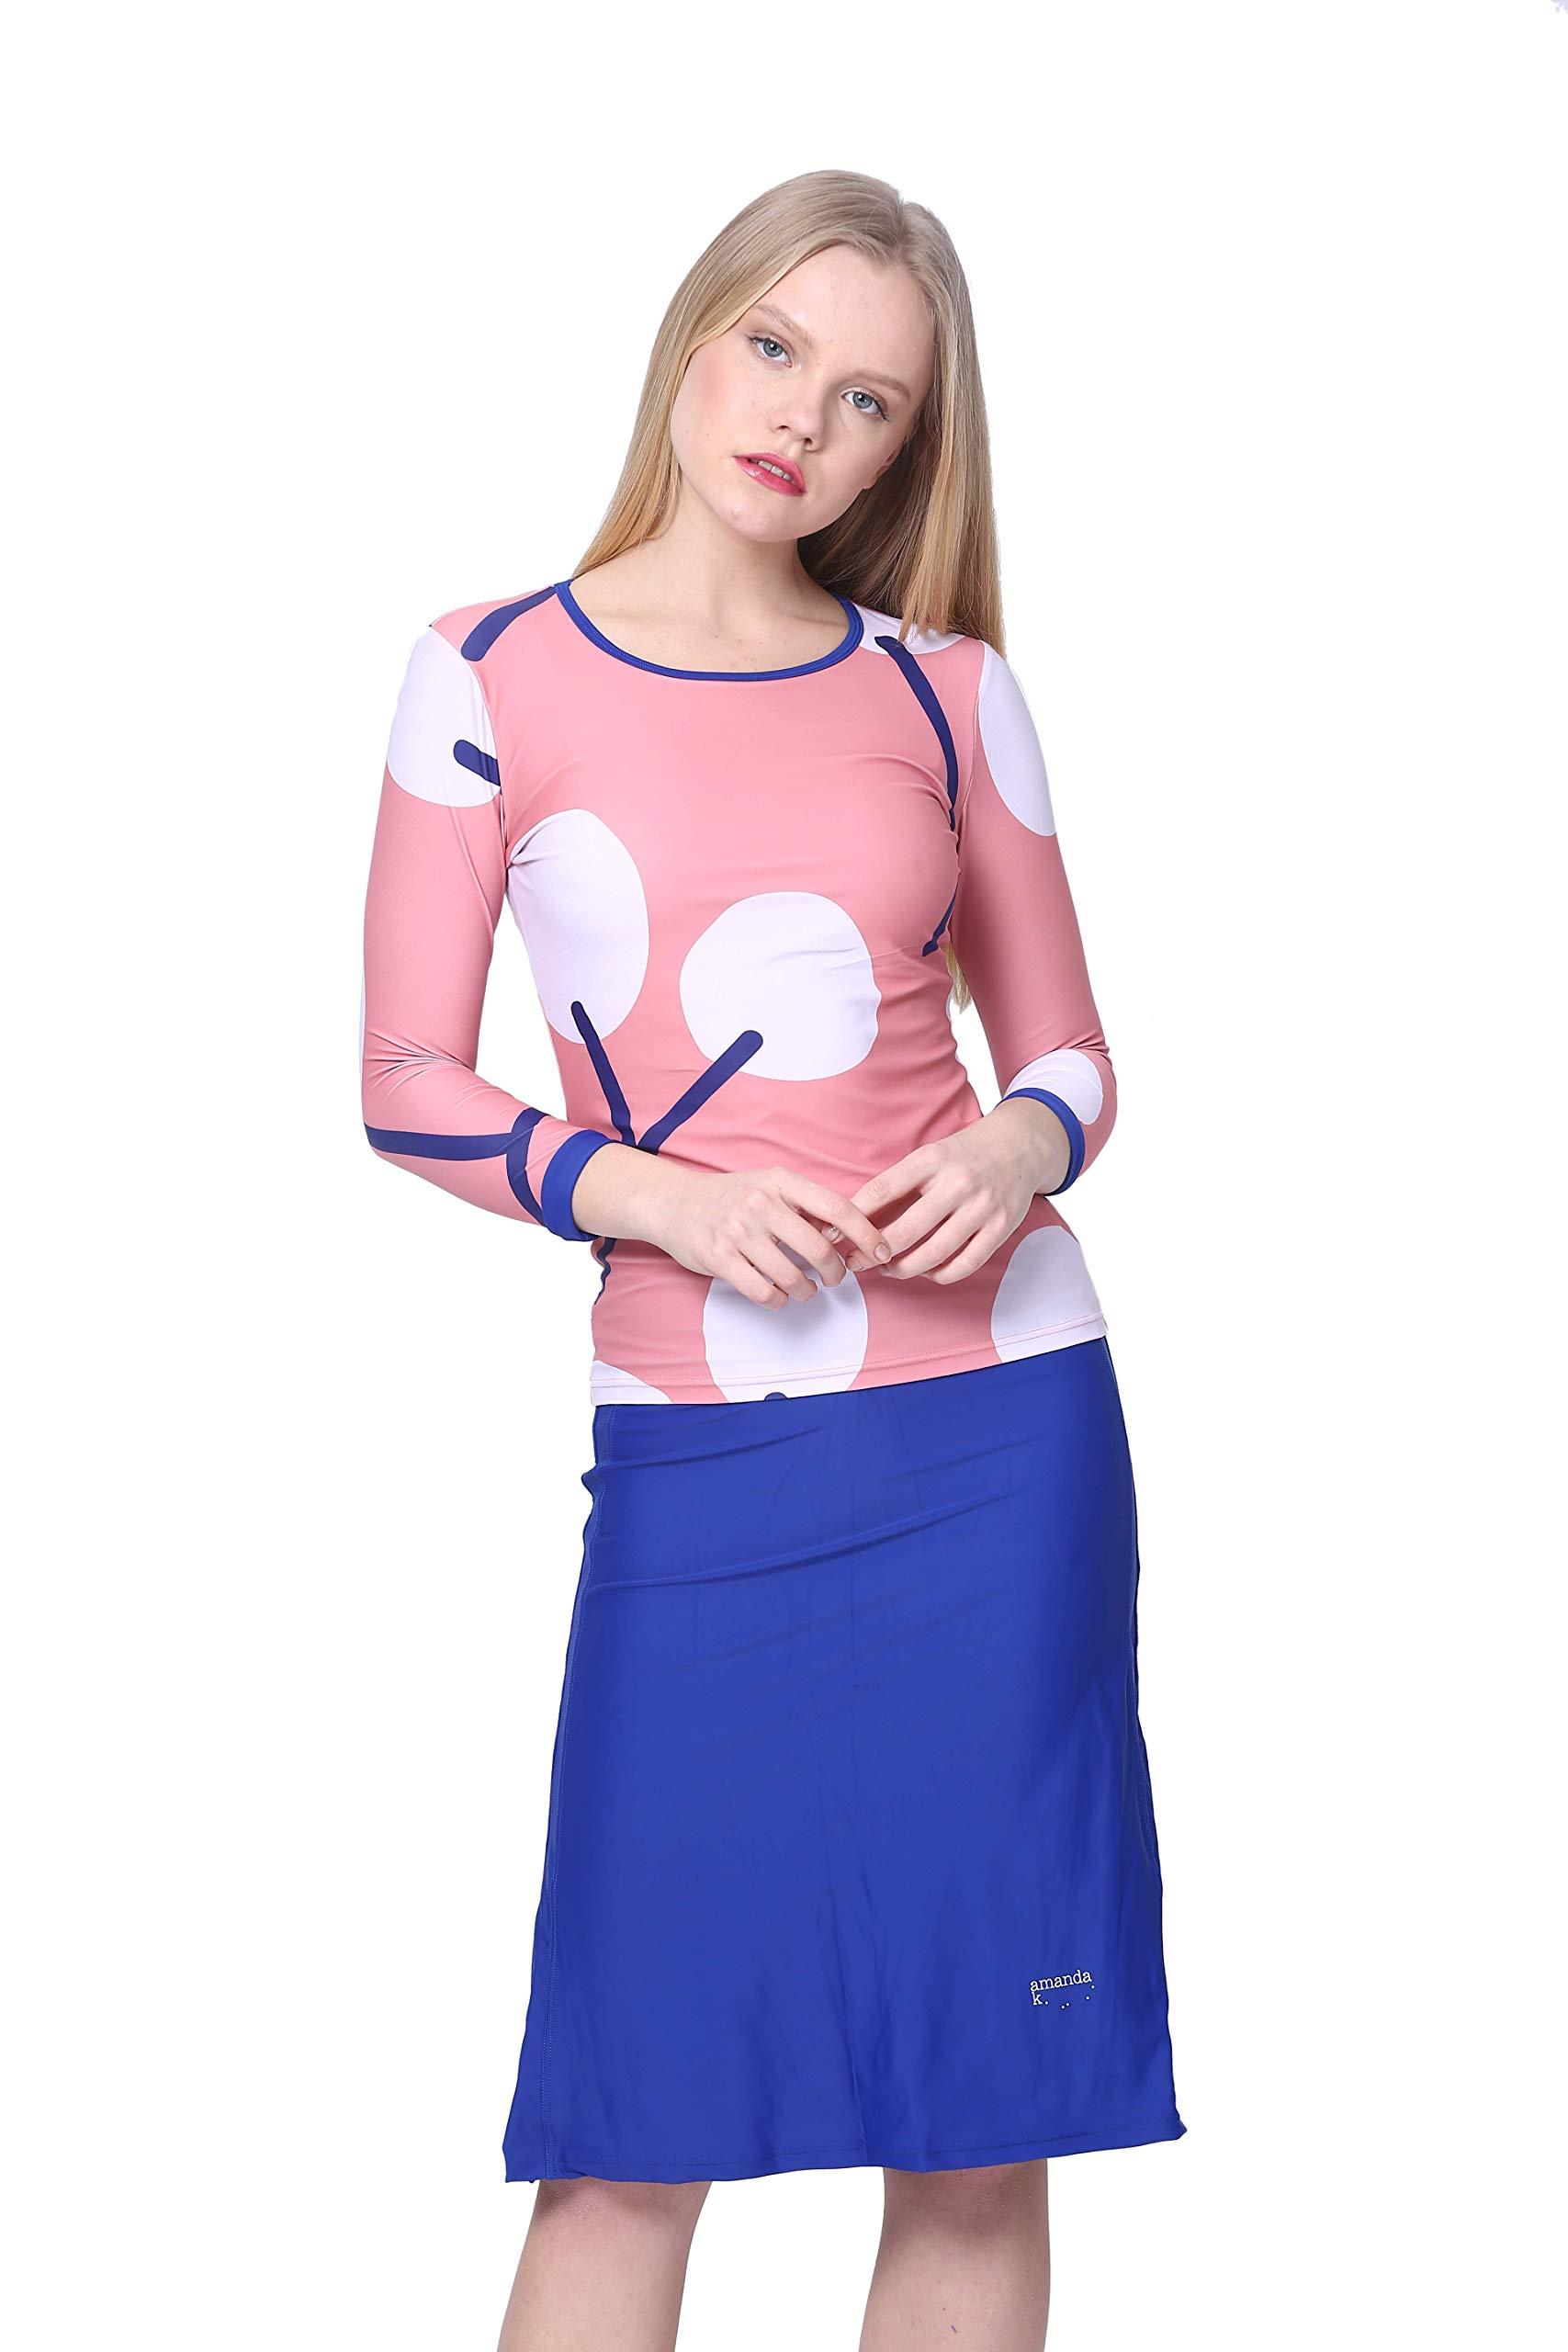 Amanda K Modest Swimwear for Women Long Sleeves Shirt & Skirt w/Leggings (S) by Amanda K